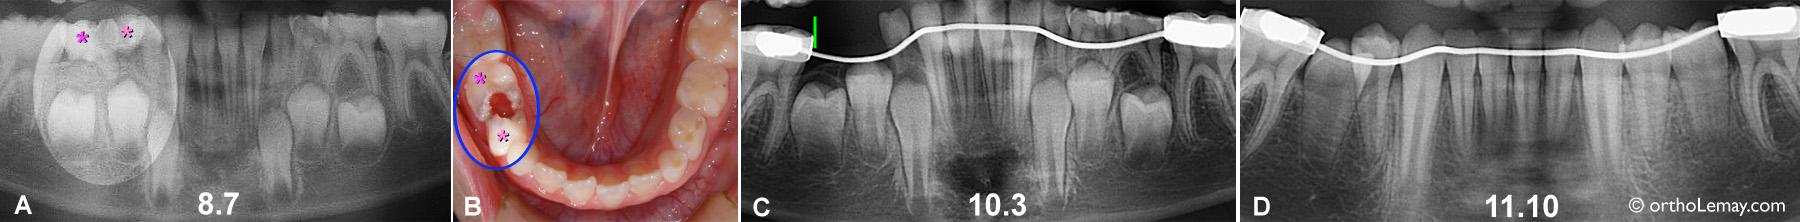 Utilisation d'un mainteneur d'espace pendant l'éruption des dents.